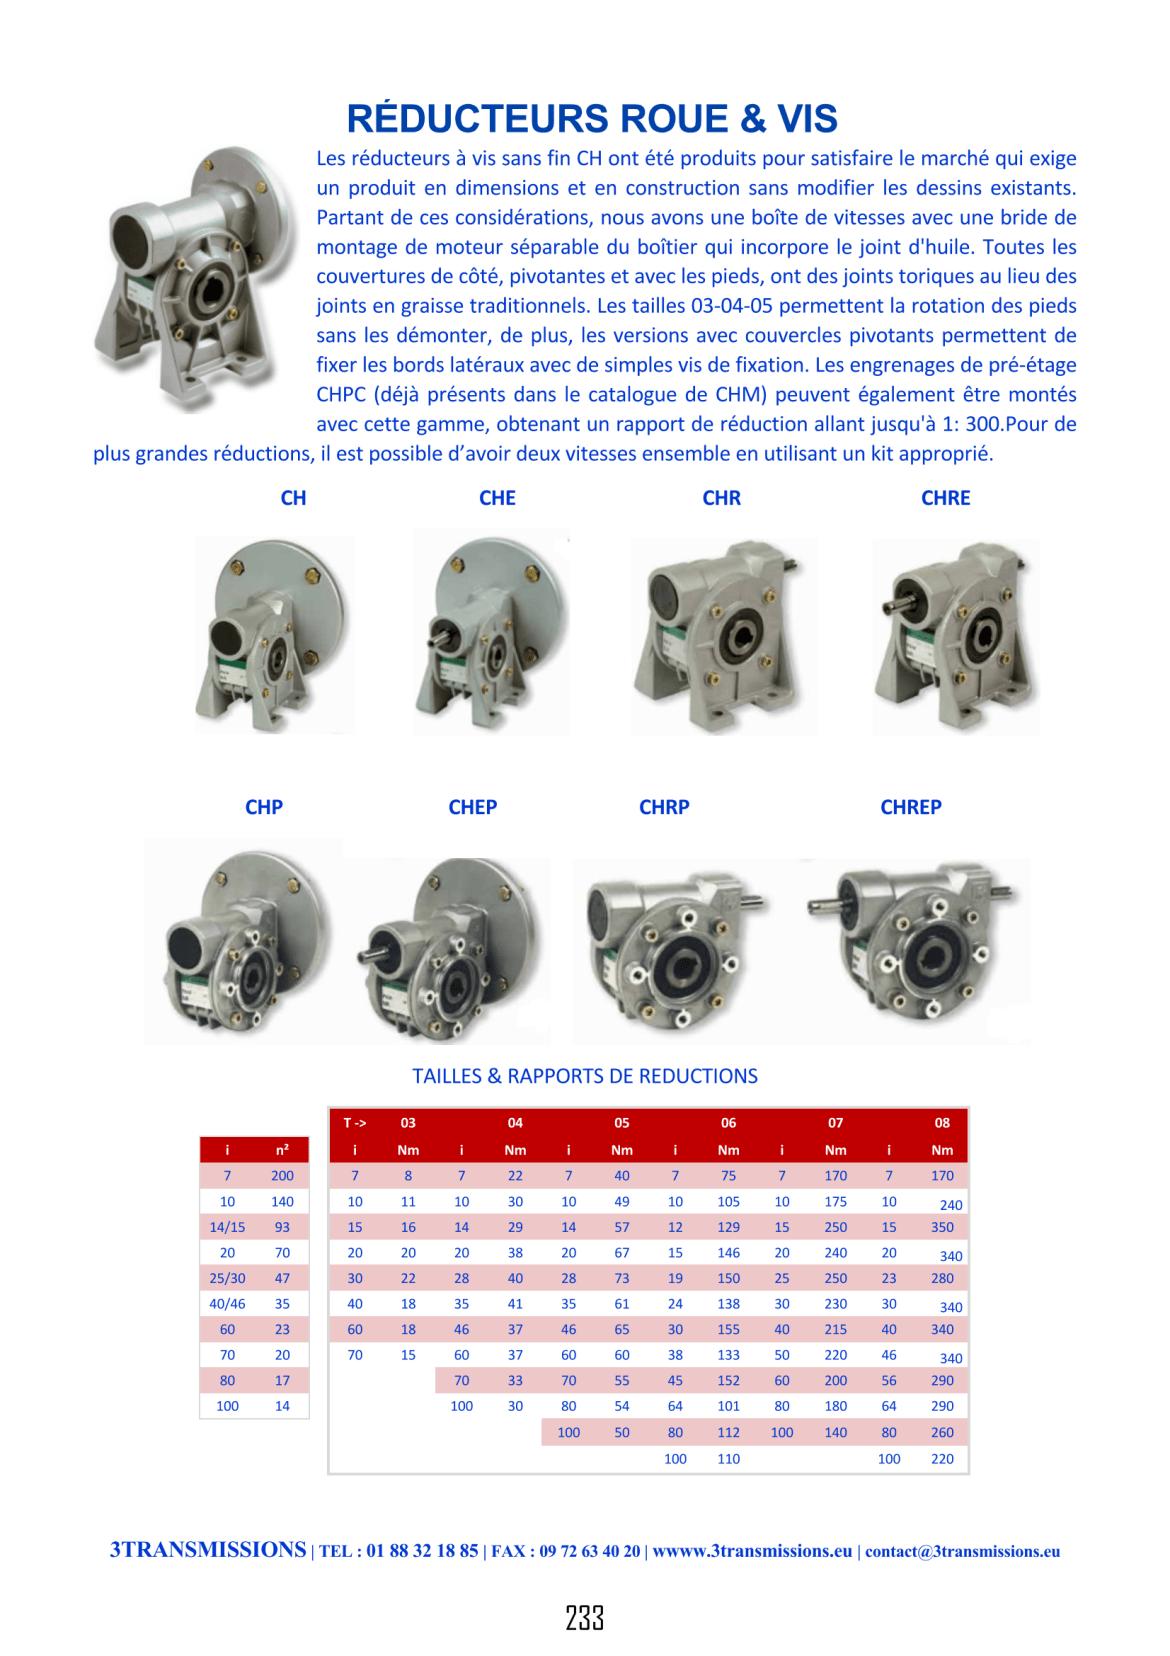 page233 catalogue 3transmissions reducteur roue vis